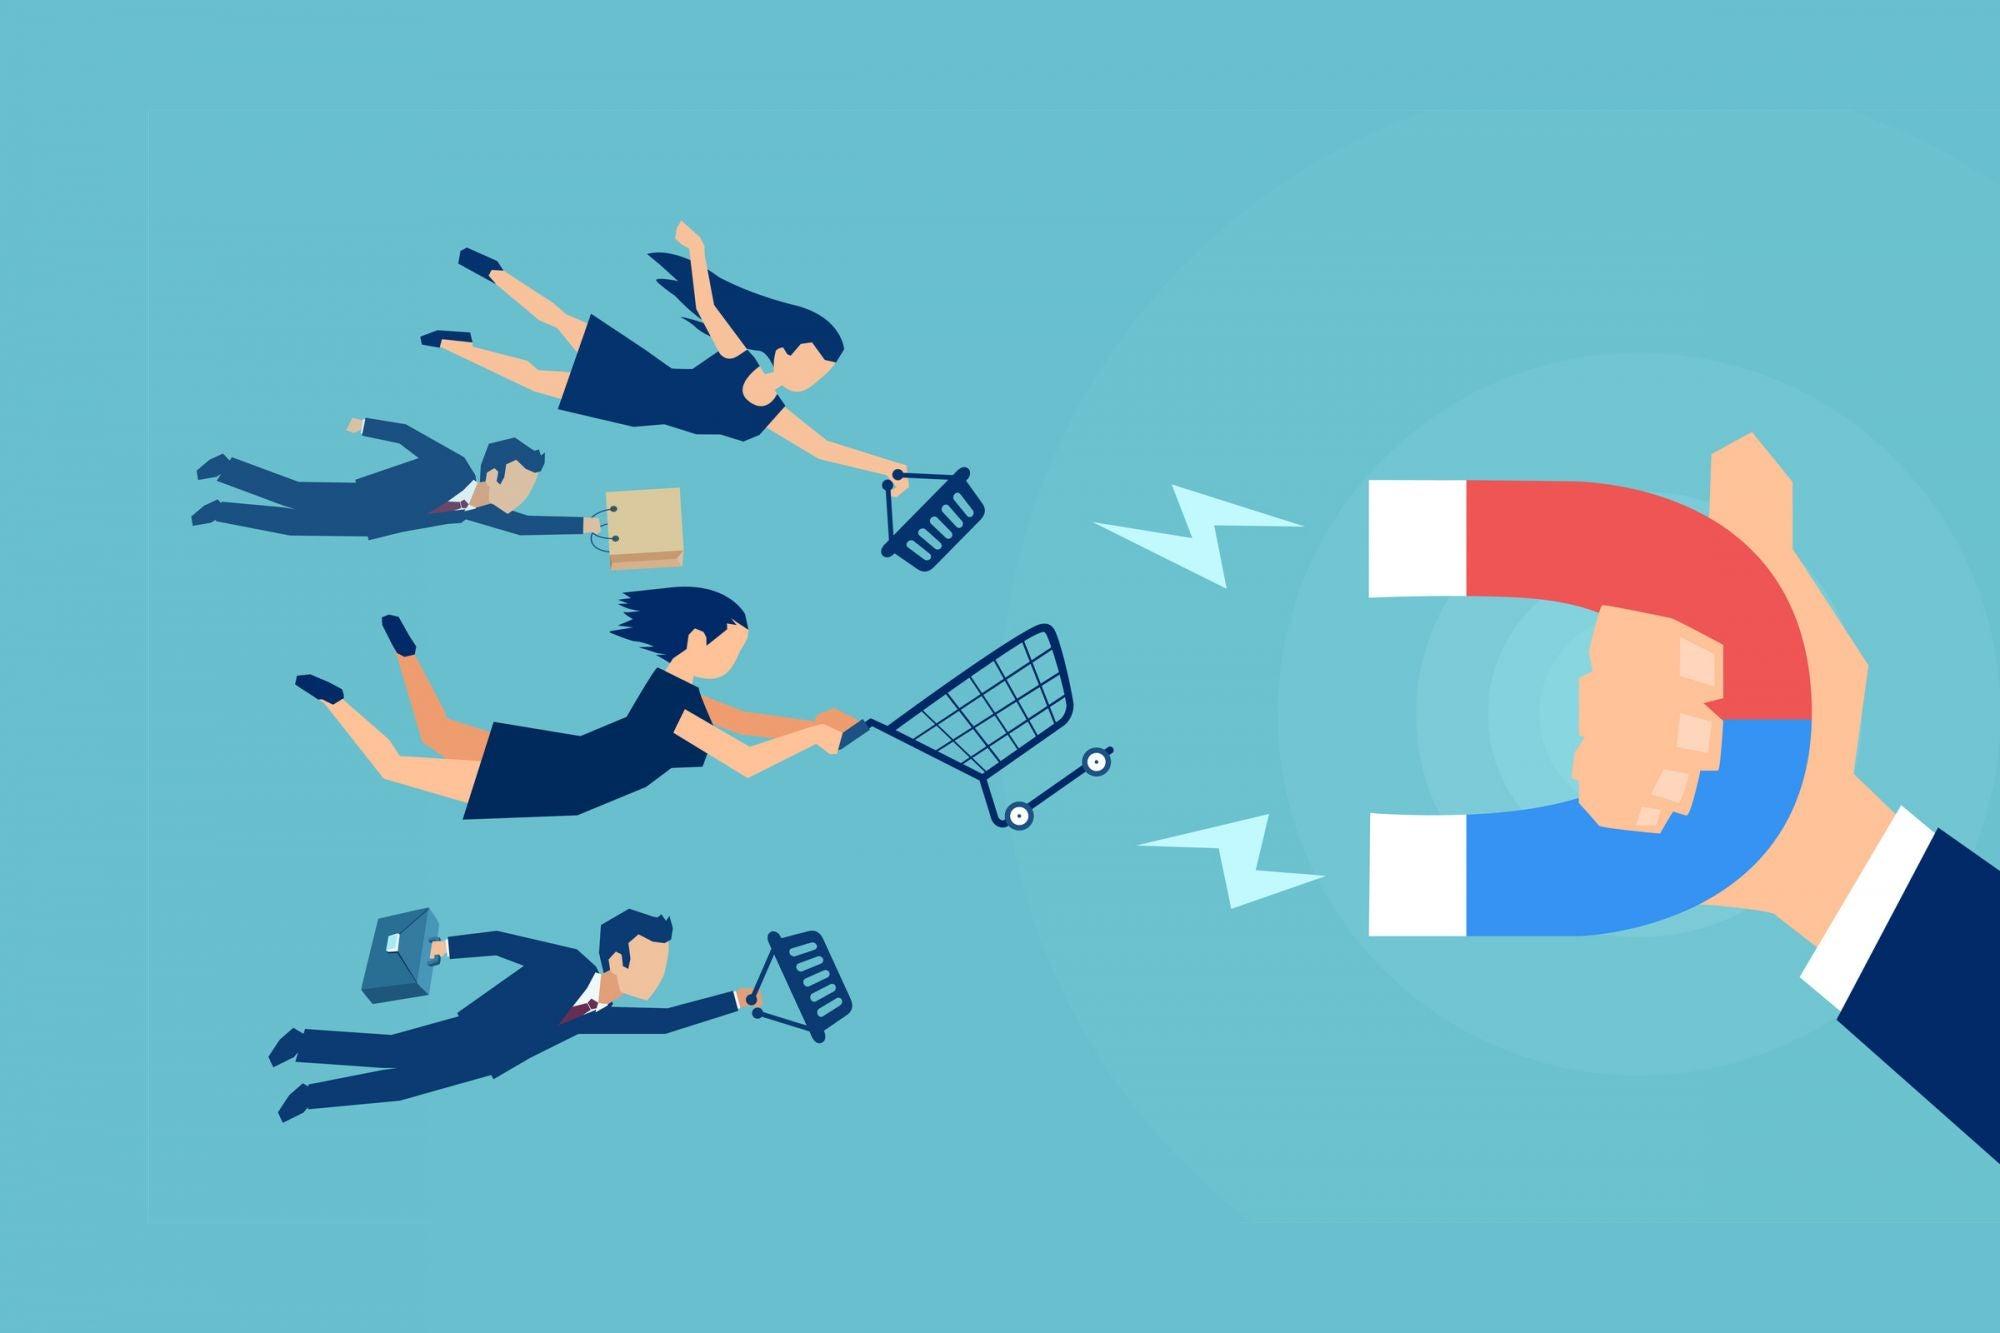 Tüketiciler E-ticaret Sitelerini Neden Tercih Etmektedirler?